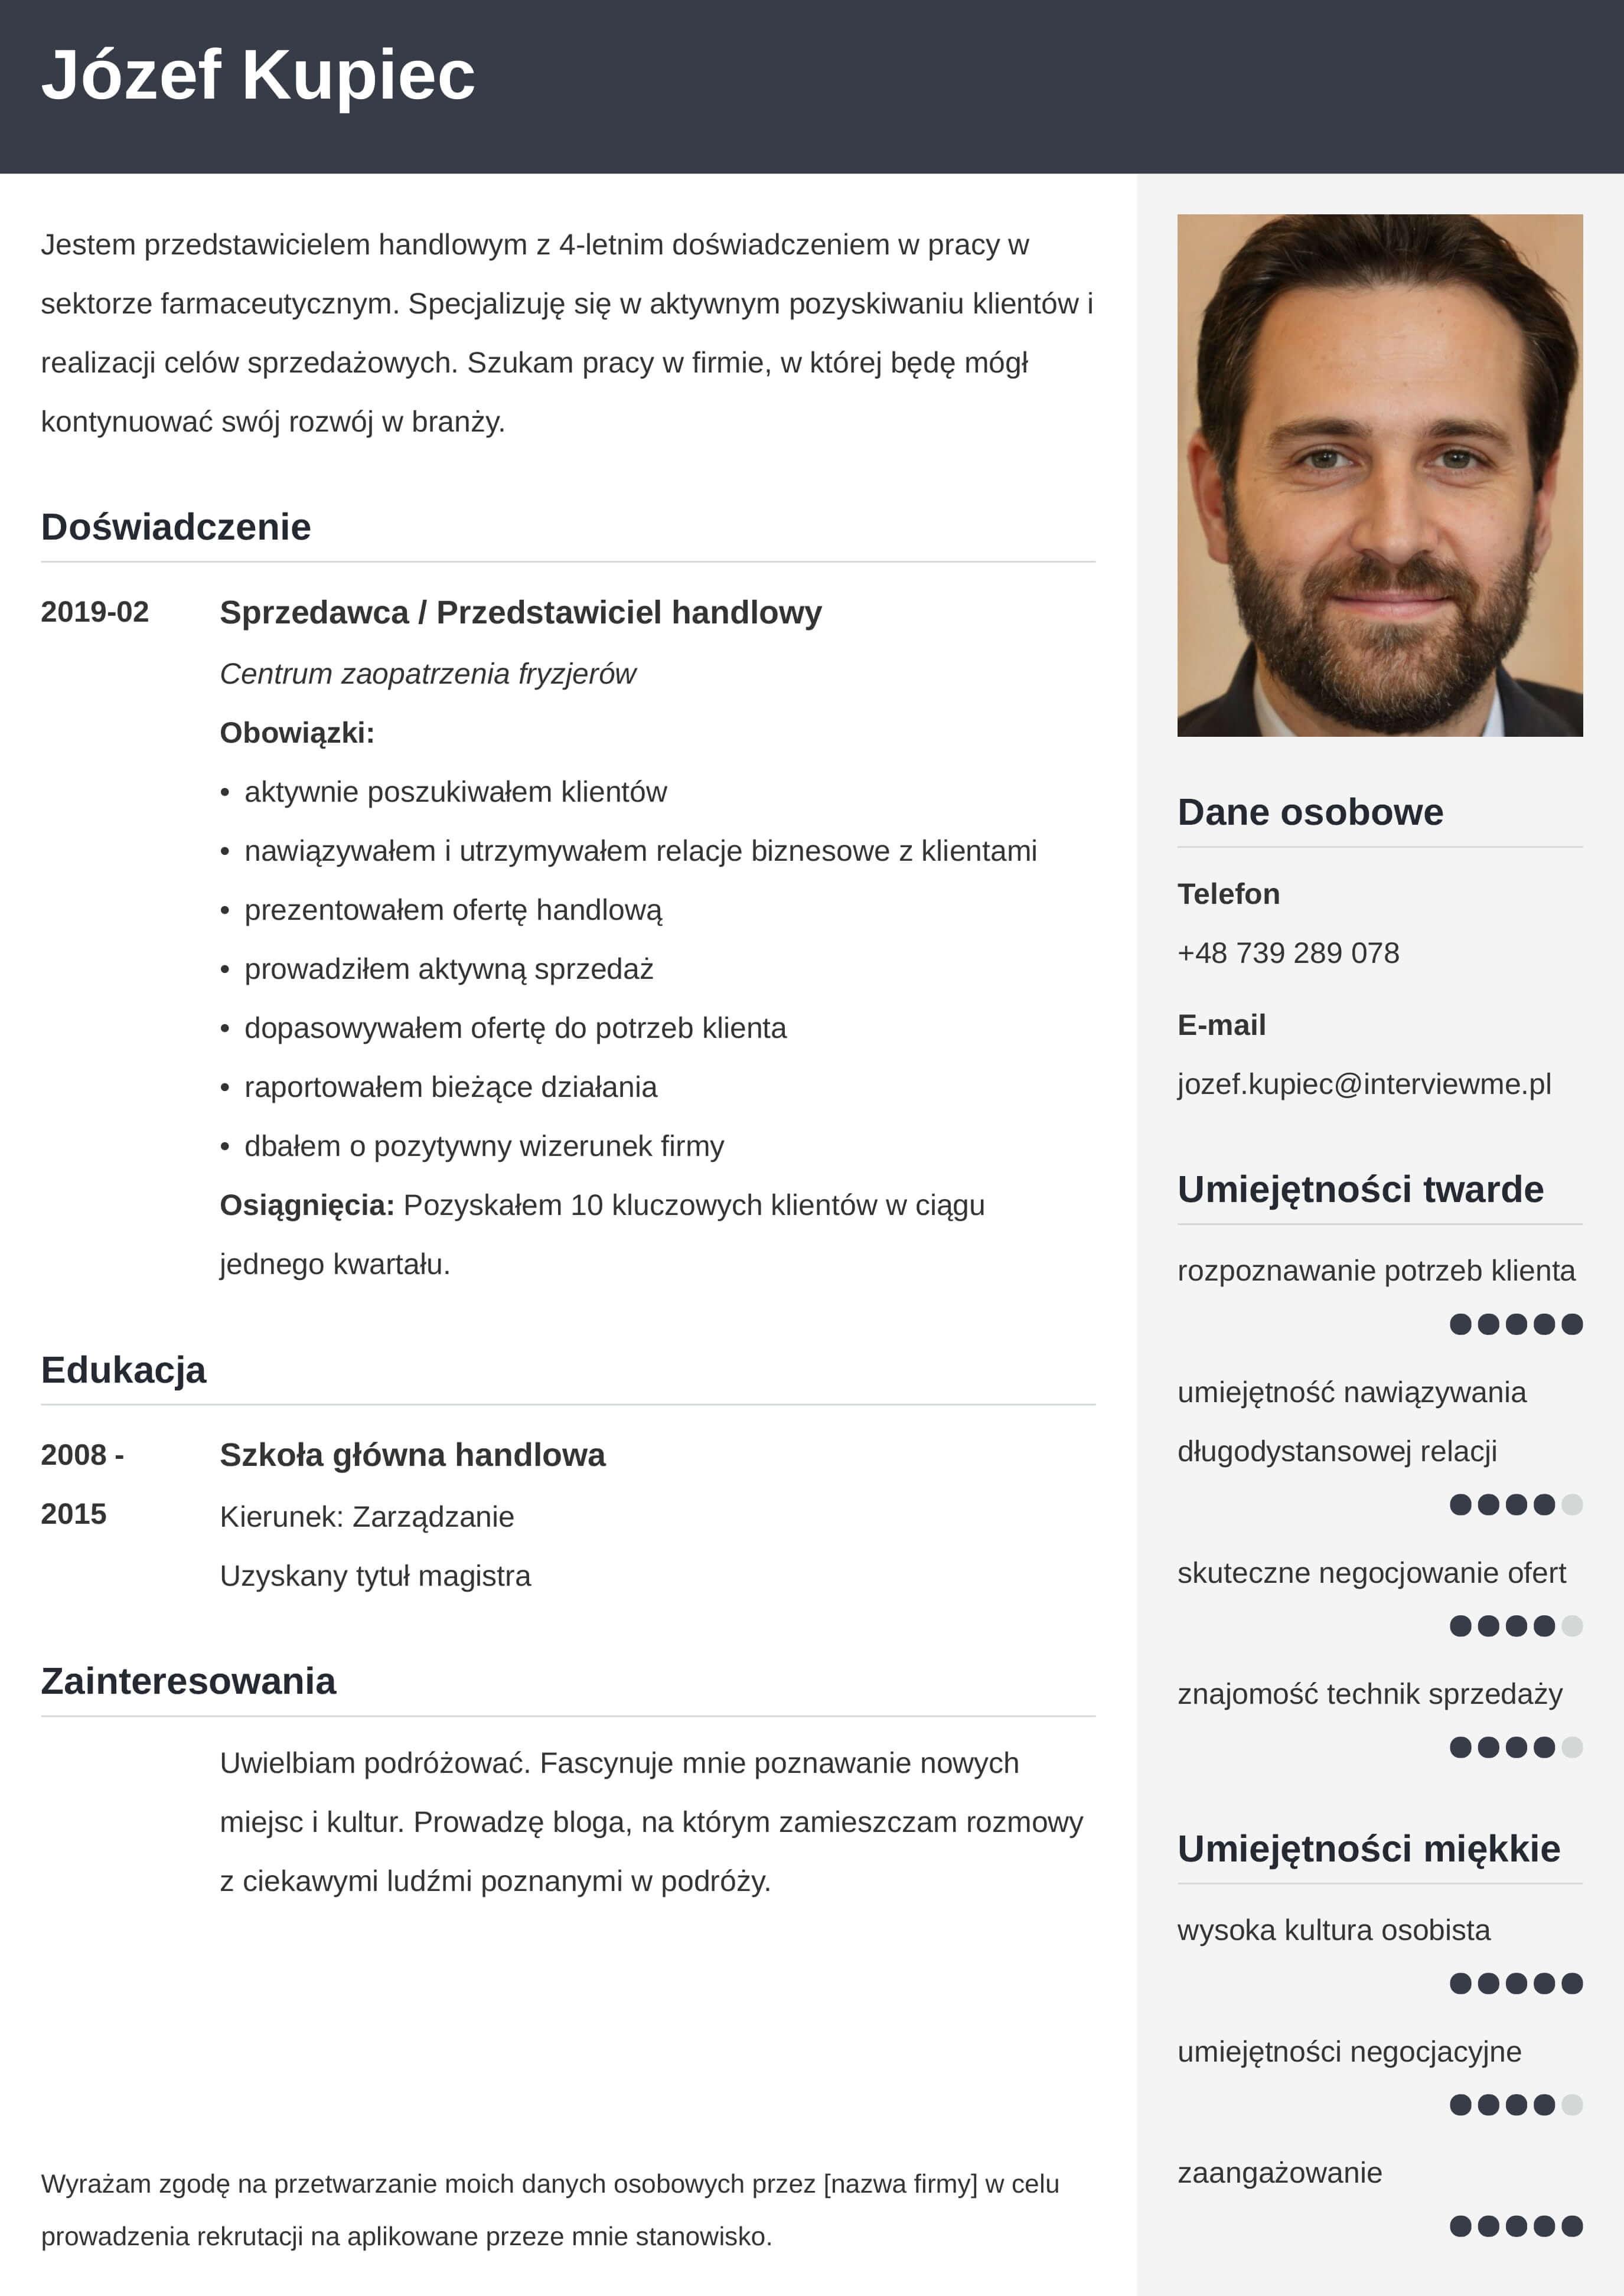 CV wzór dla sprzedawcy